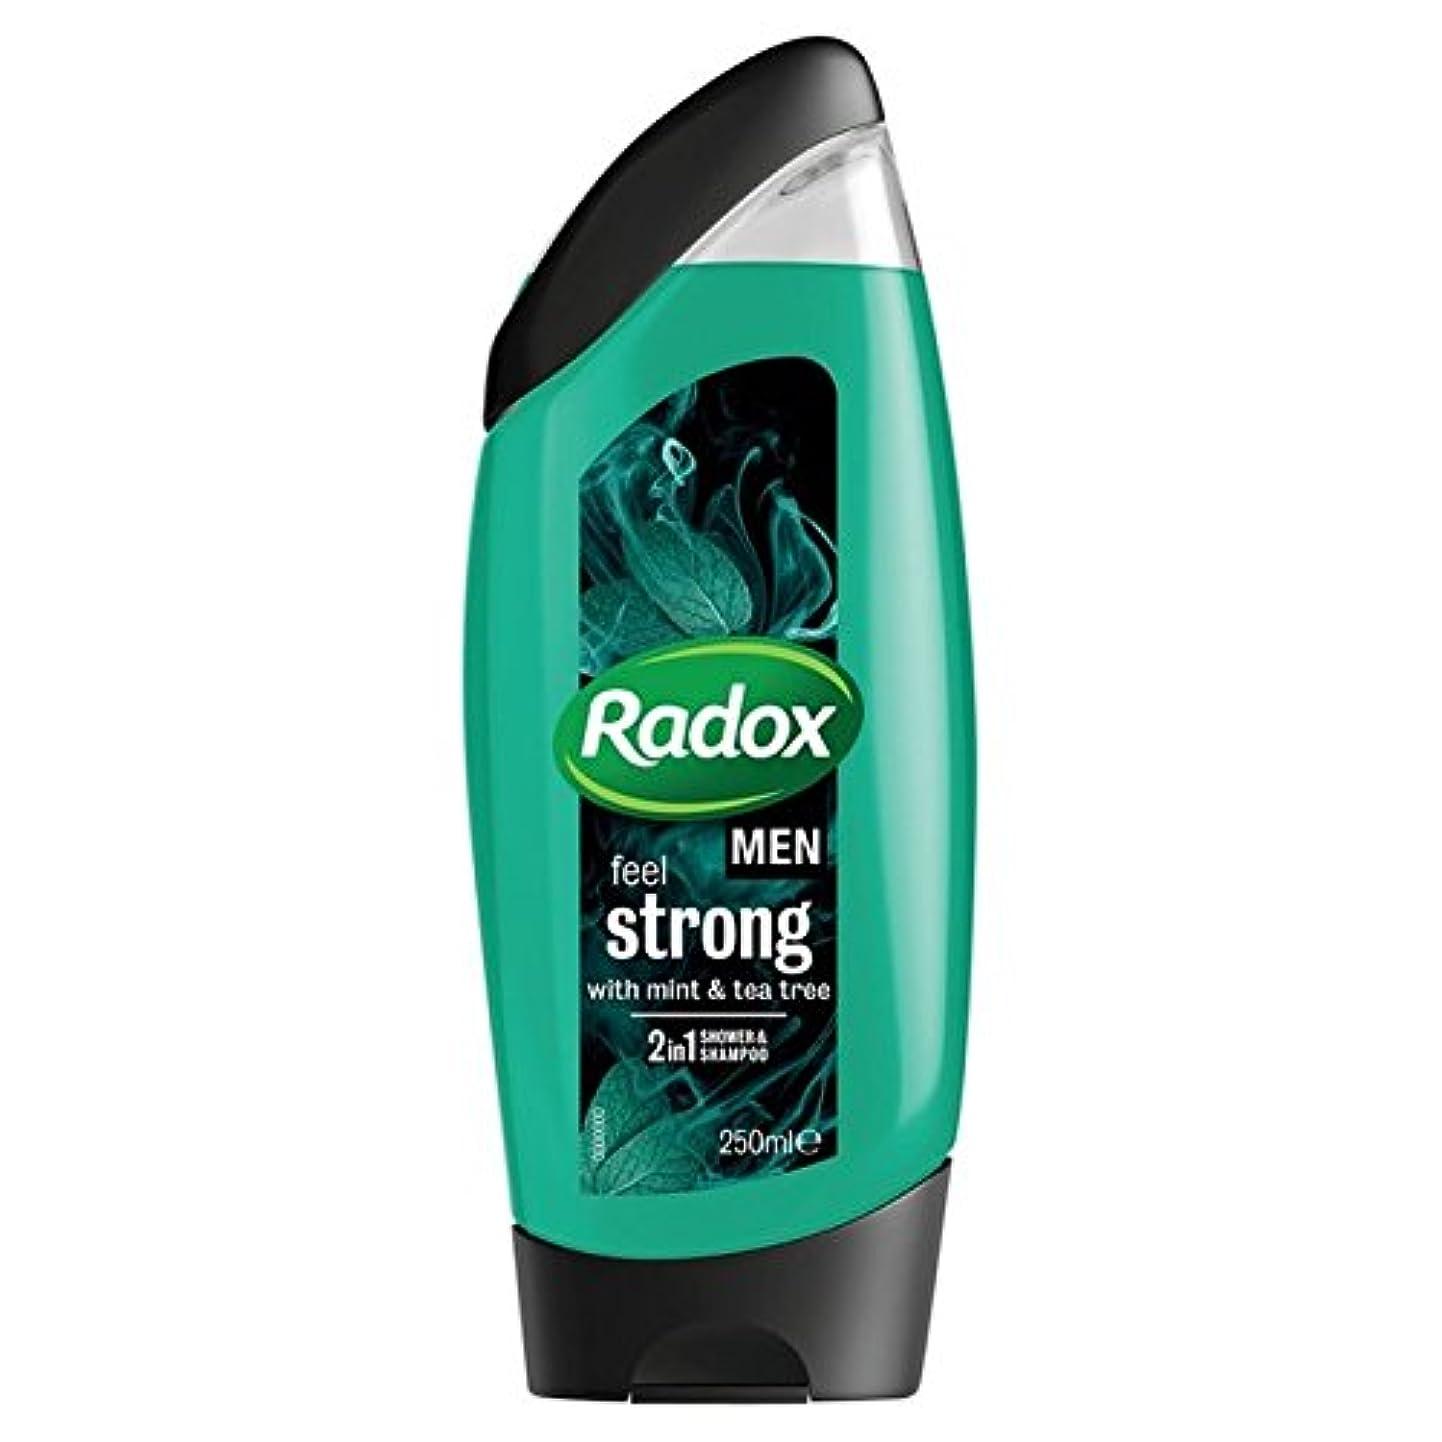 ナビゲーションにやにや色合い男性は、強力なミント&ティーツリーの21のシャワージェル250ミリリットルを感じます x4 - Radox Men Feel Strong Mint & Tea Tree 2in1 Shower Gel 250ml (Pack...